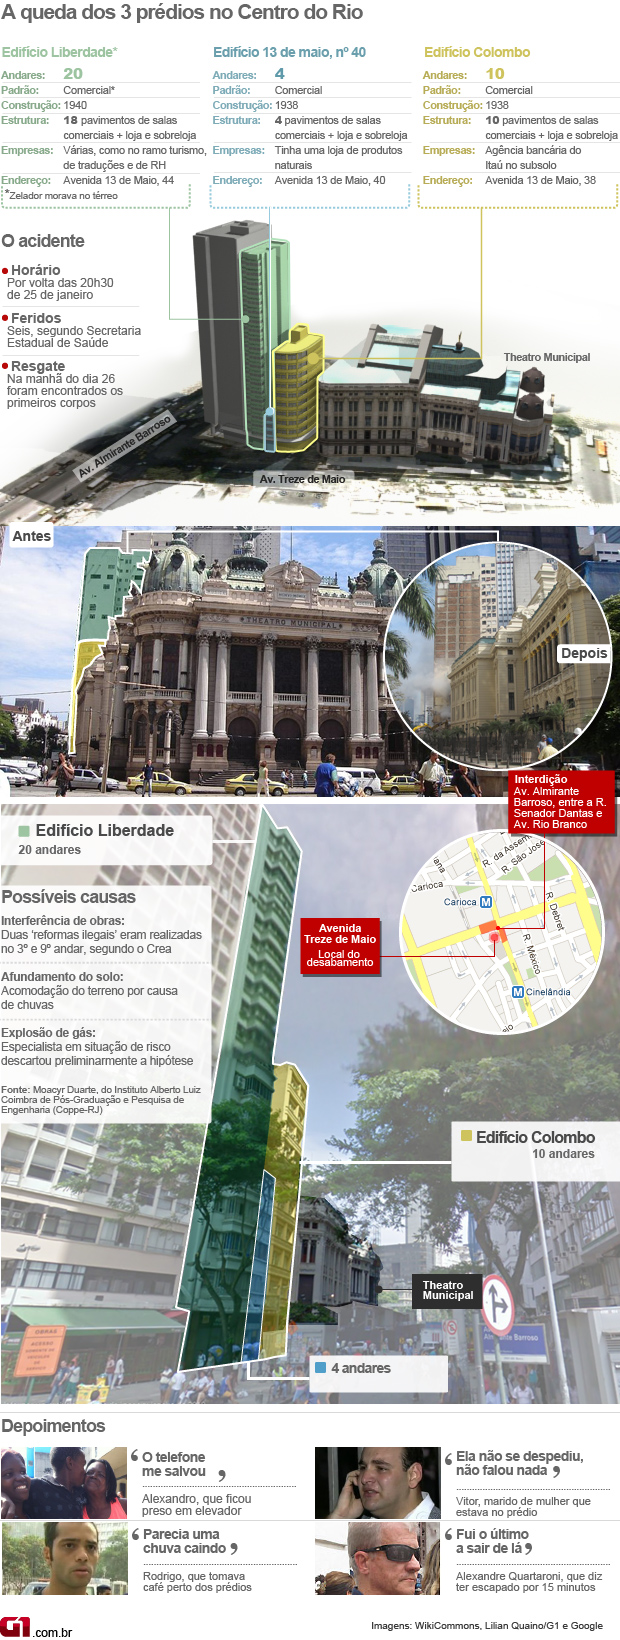 Mapa detalhado dos prédios do desabamento no Rio (Foto: Arte G1)